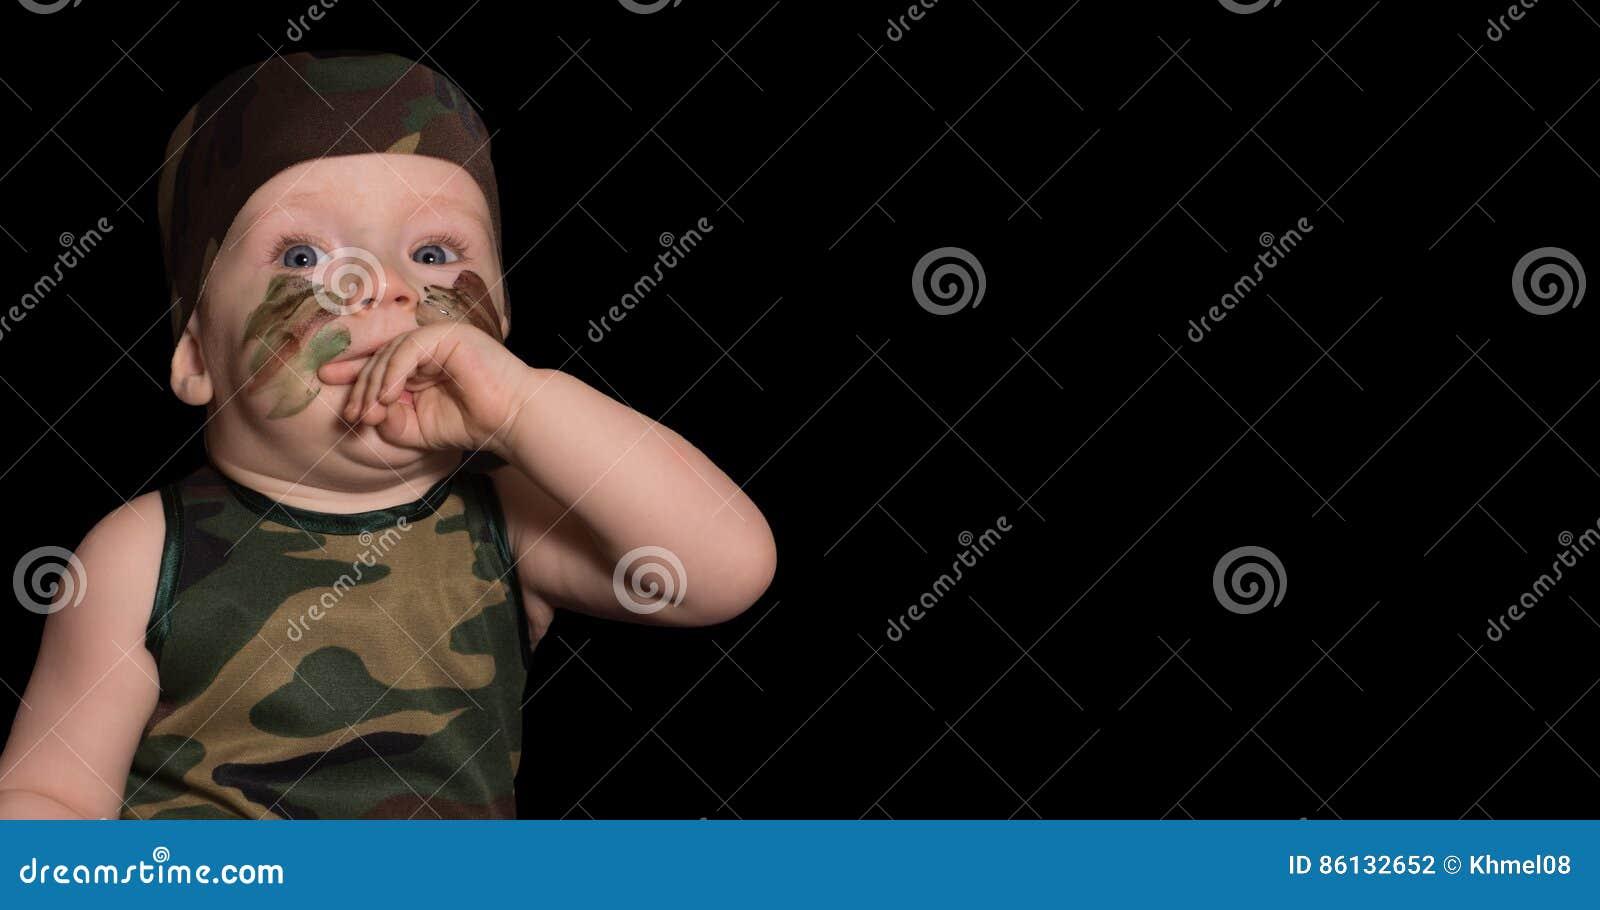 Soldat De Bébé Dans Luniforme Avec La Peinture De Guerre Sur Son